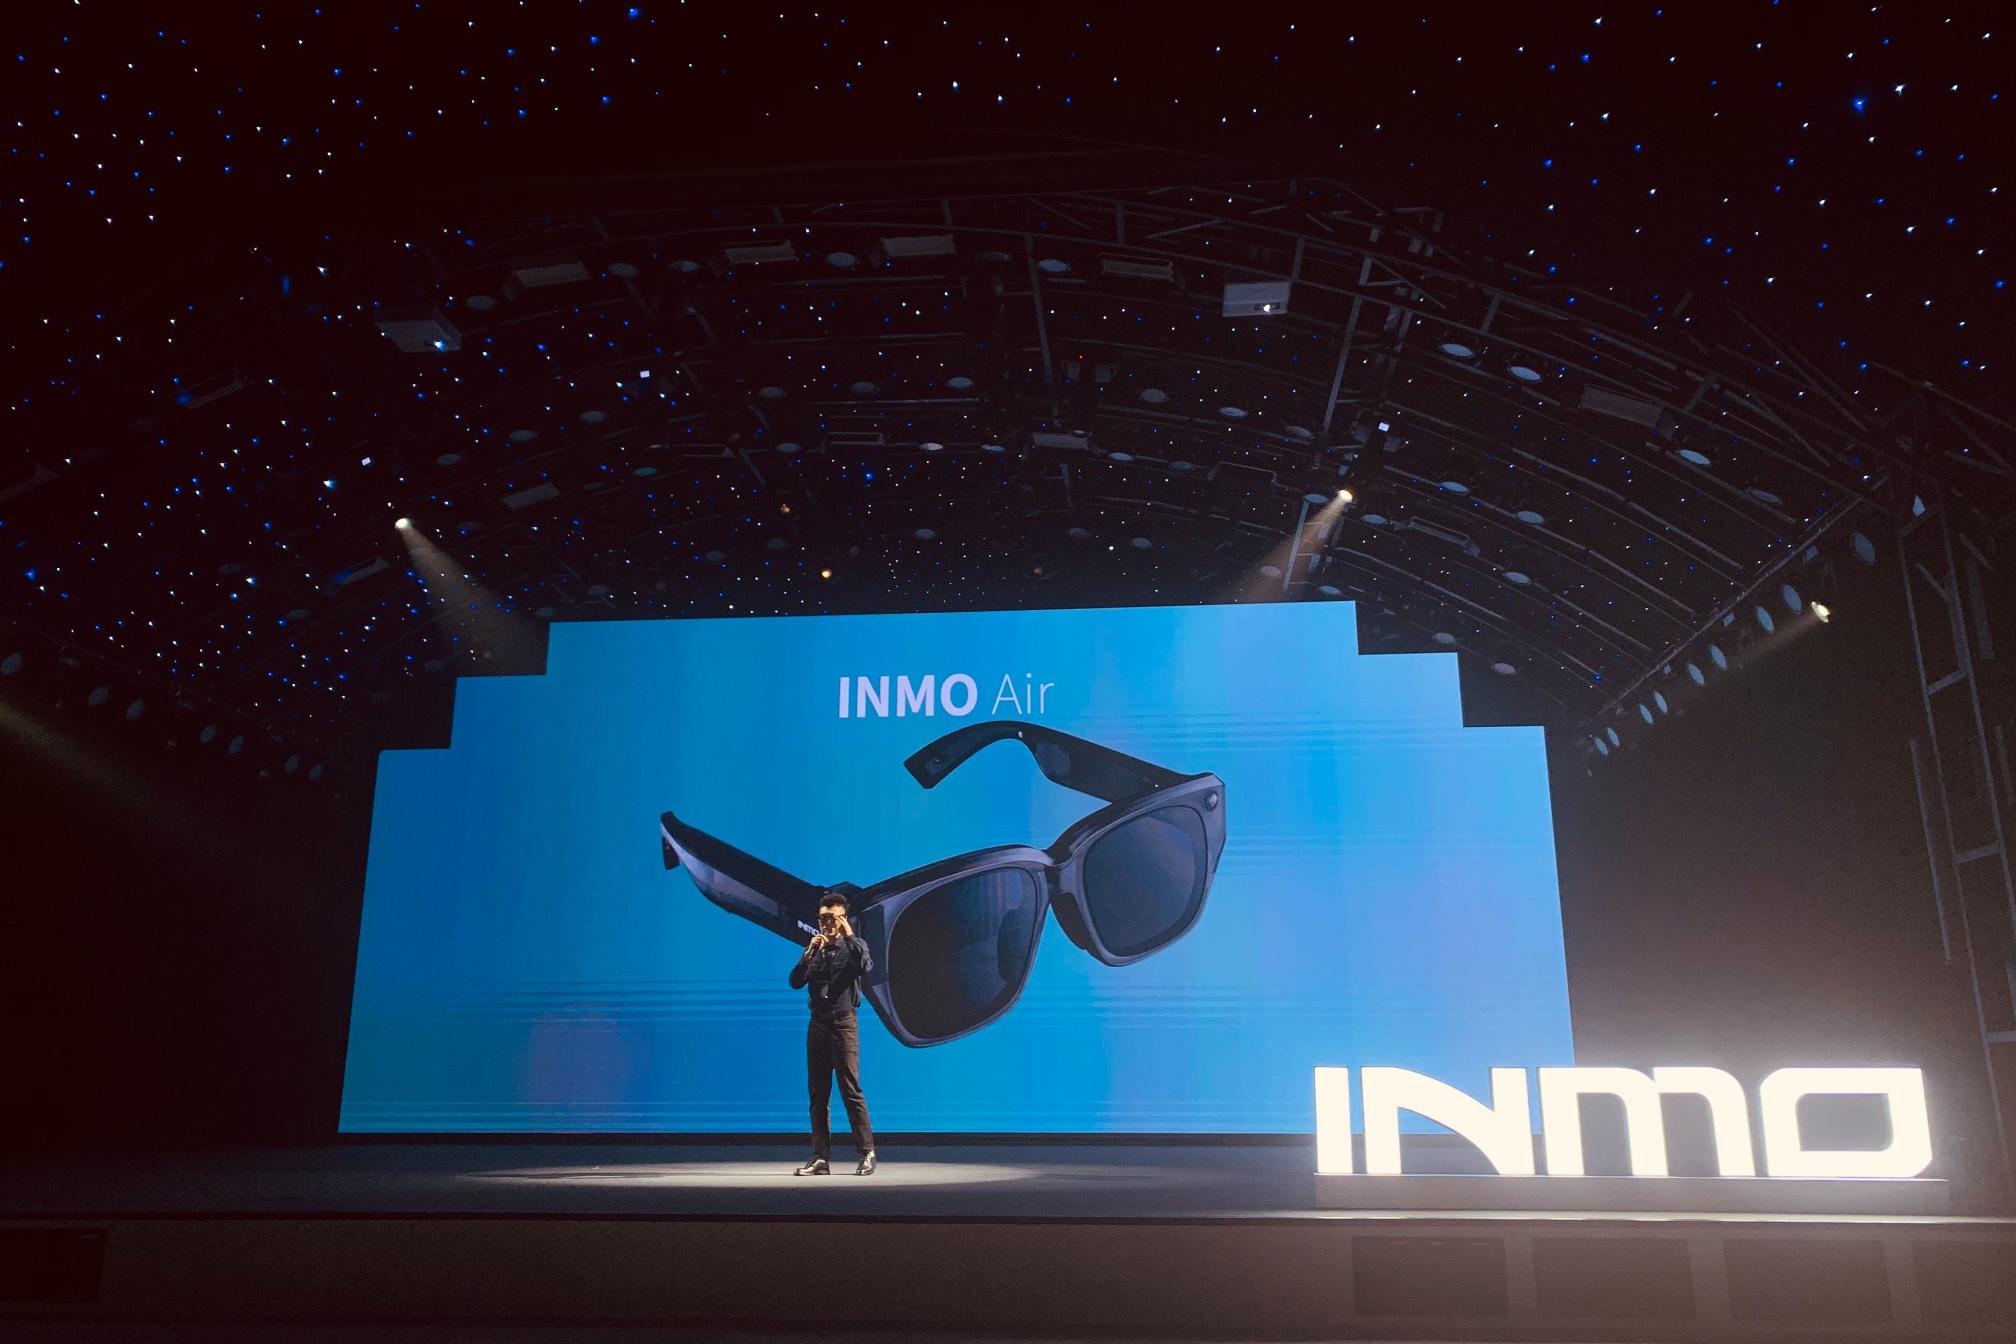 影目科技发布AR眼镜INMO Air,售价399美元起